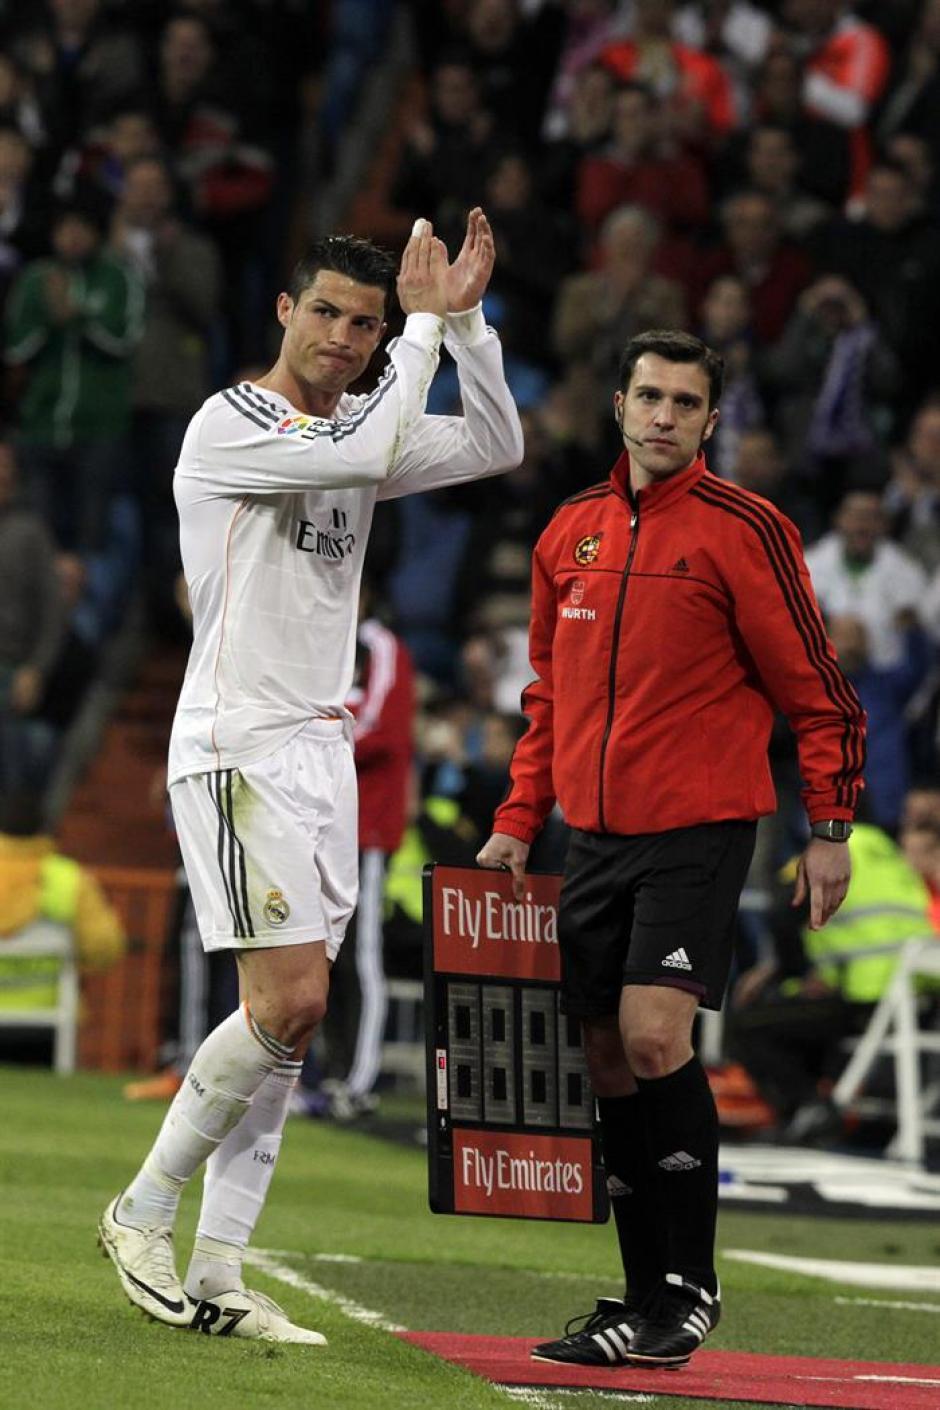 El delantero portugués del Real Madrid Cristiano Ronaldo saluda a los aficionados al ser sustituido, durante el partido de Liga en Primera División ante Osasuna que se disputa esta tarde en el estadio Santiago Bernabéu, en Madrid. (Foto: EFE/Kiko Huesca)